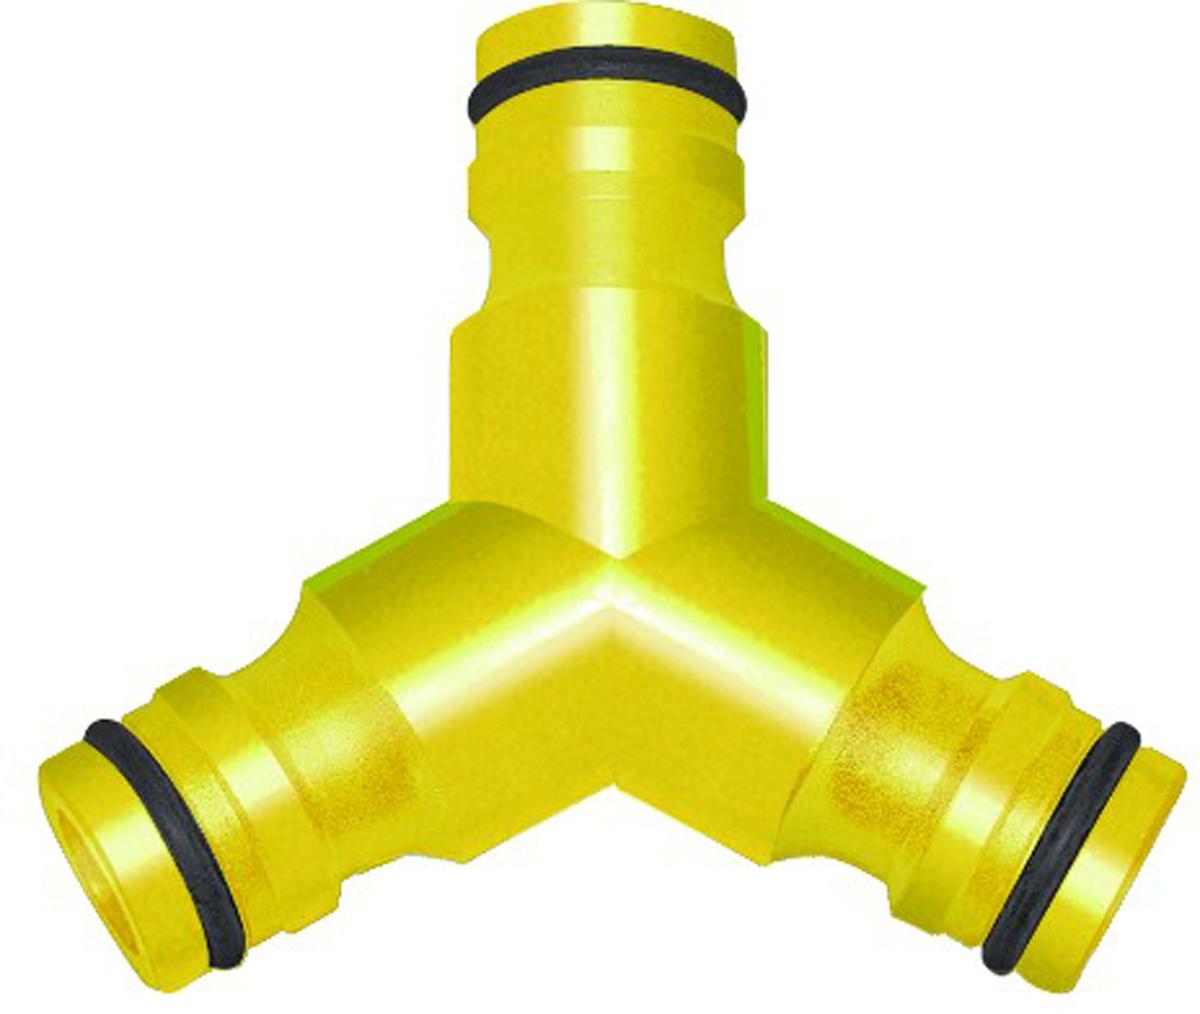 Тройник для шланга Frut, 1/2 - 3/4402018Тройник предназначен для разветвления шлангов. Используется совместно с коннекторами соответствующими диаметру шланга.Размер: 1/2 - 3/4. Материал: пластик.